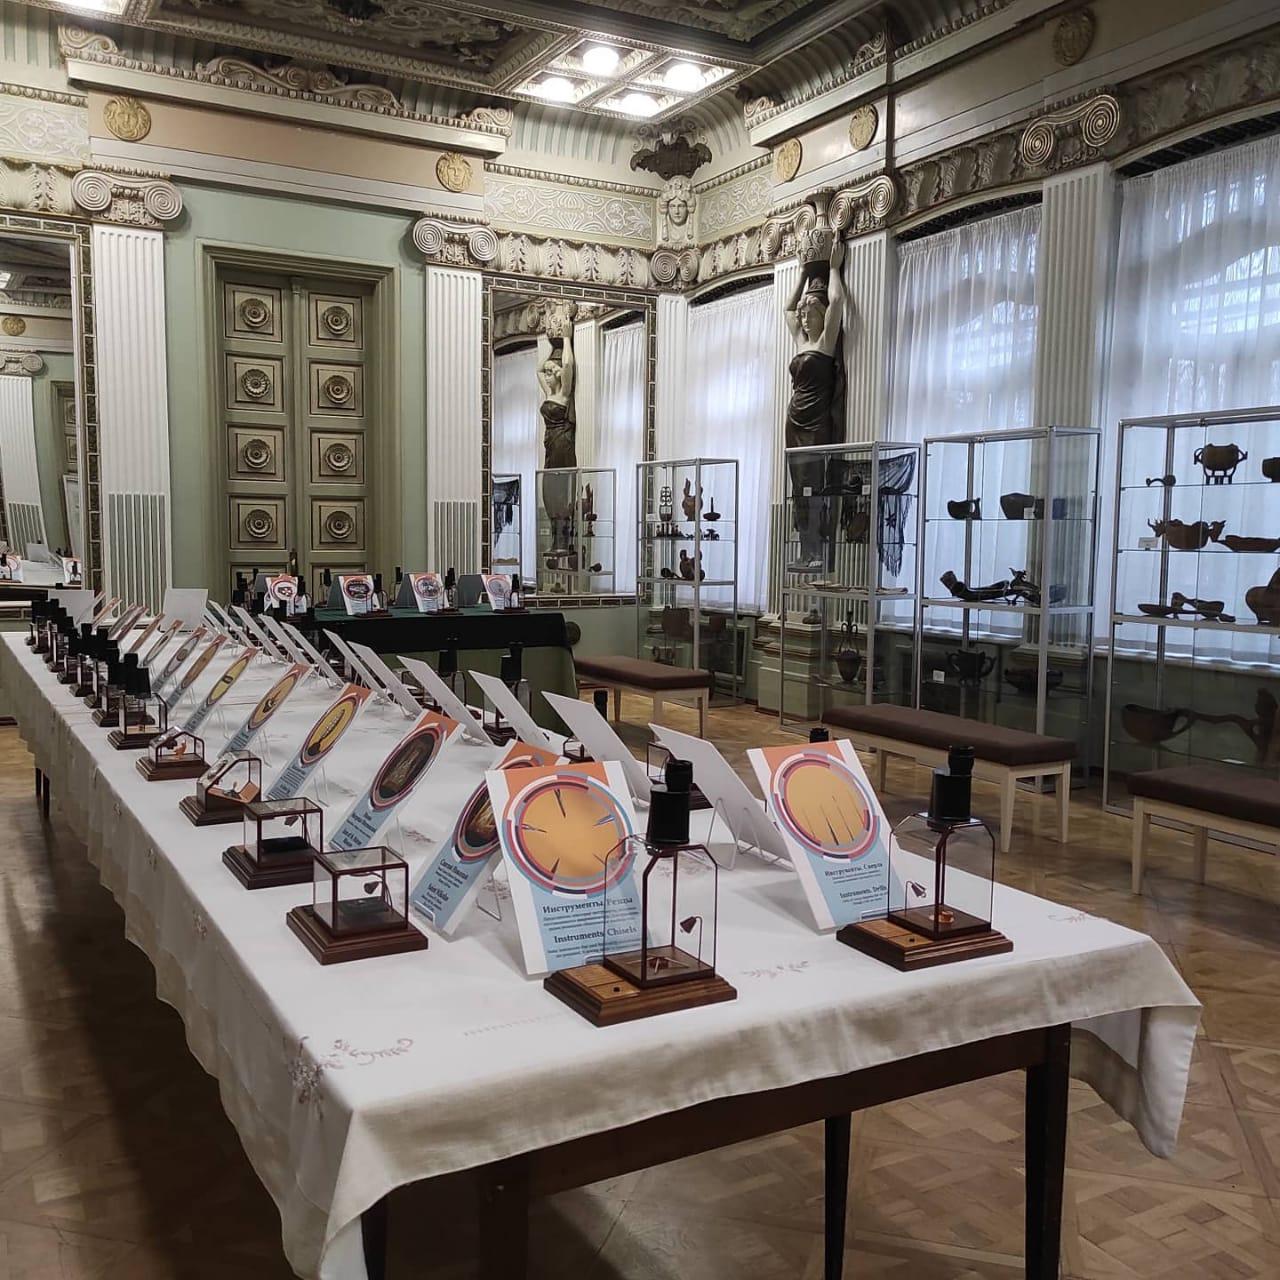 Уникальная выставка невидимых экспонатов, увидеть которые можно под микроскопом, проходит во Владикавказе